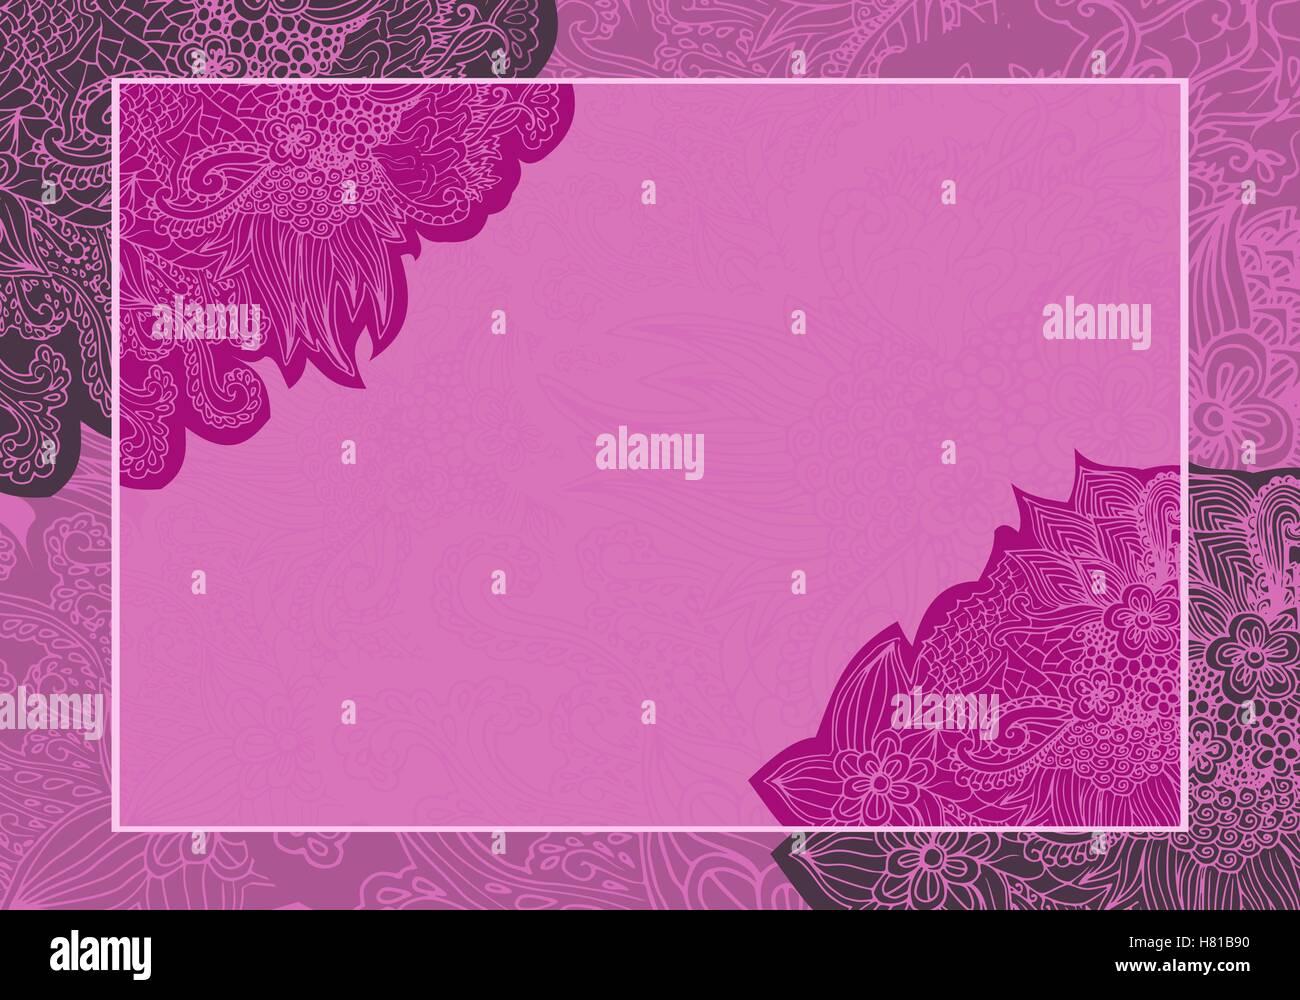 Vektor Floral Valentine Hochzeitskarte Einladung Rosa Lila